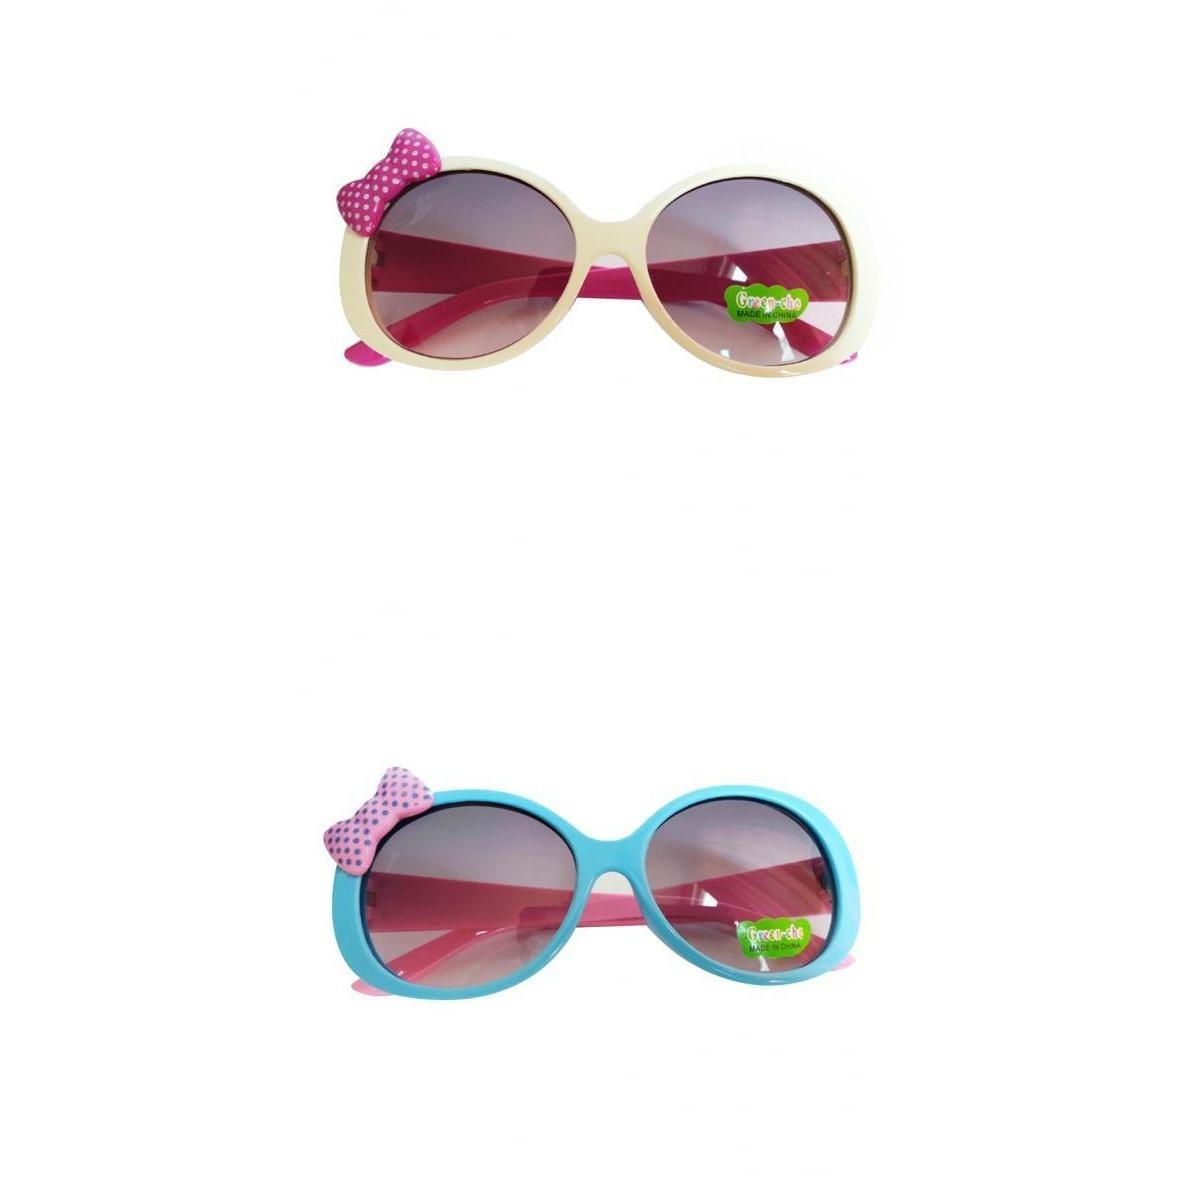 a77050493e 2pcs gafas de sol anteojos de moda de bebés juguetes educat. Cargando zoom.